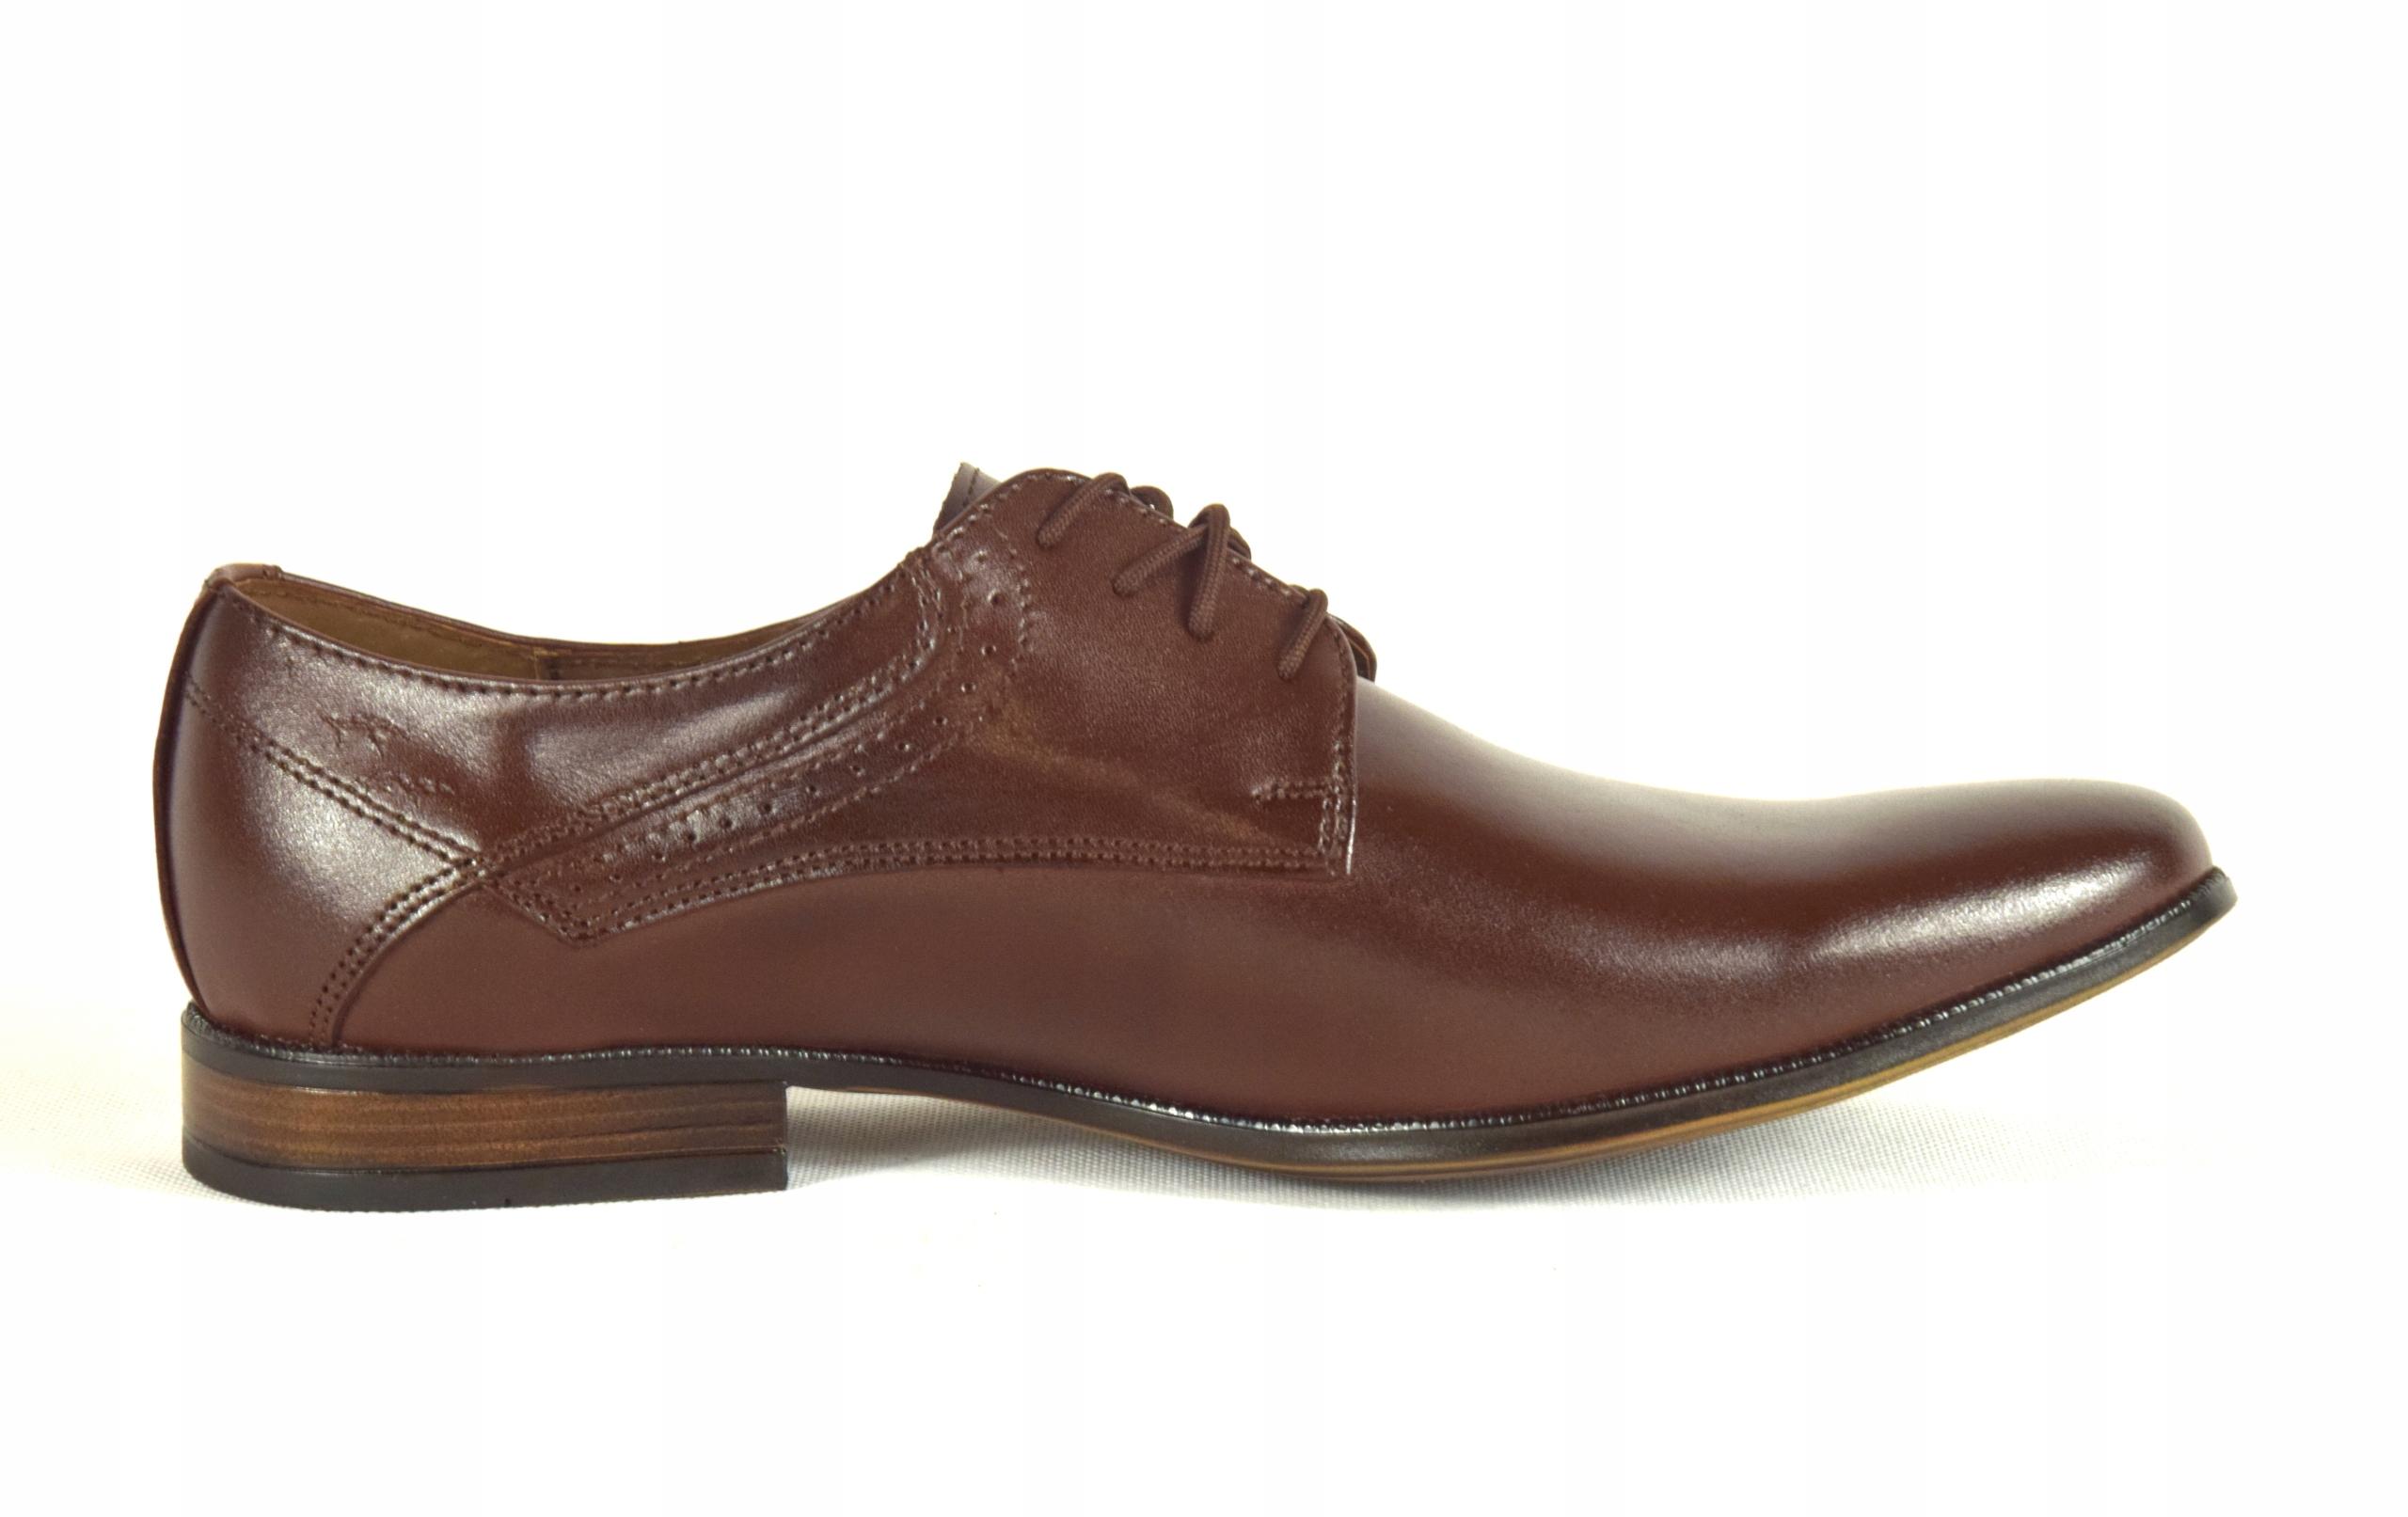 Buty męskie wizytowe skórzane brązowe obuwie 11 Model Półbuty